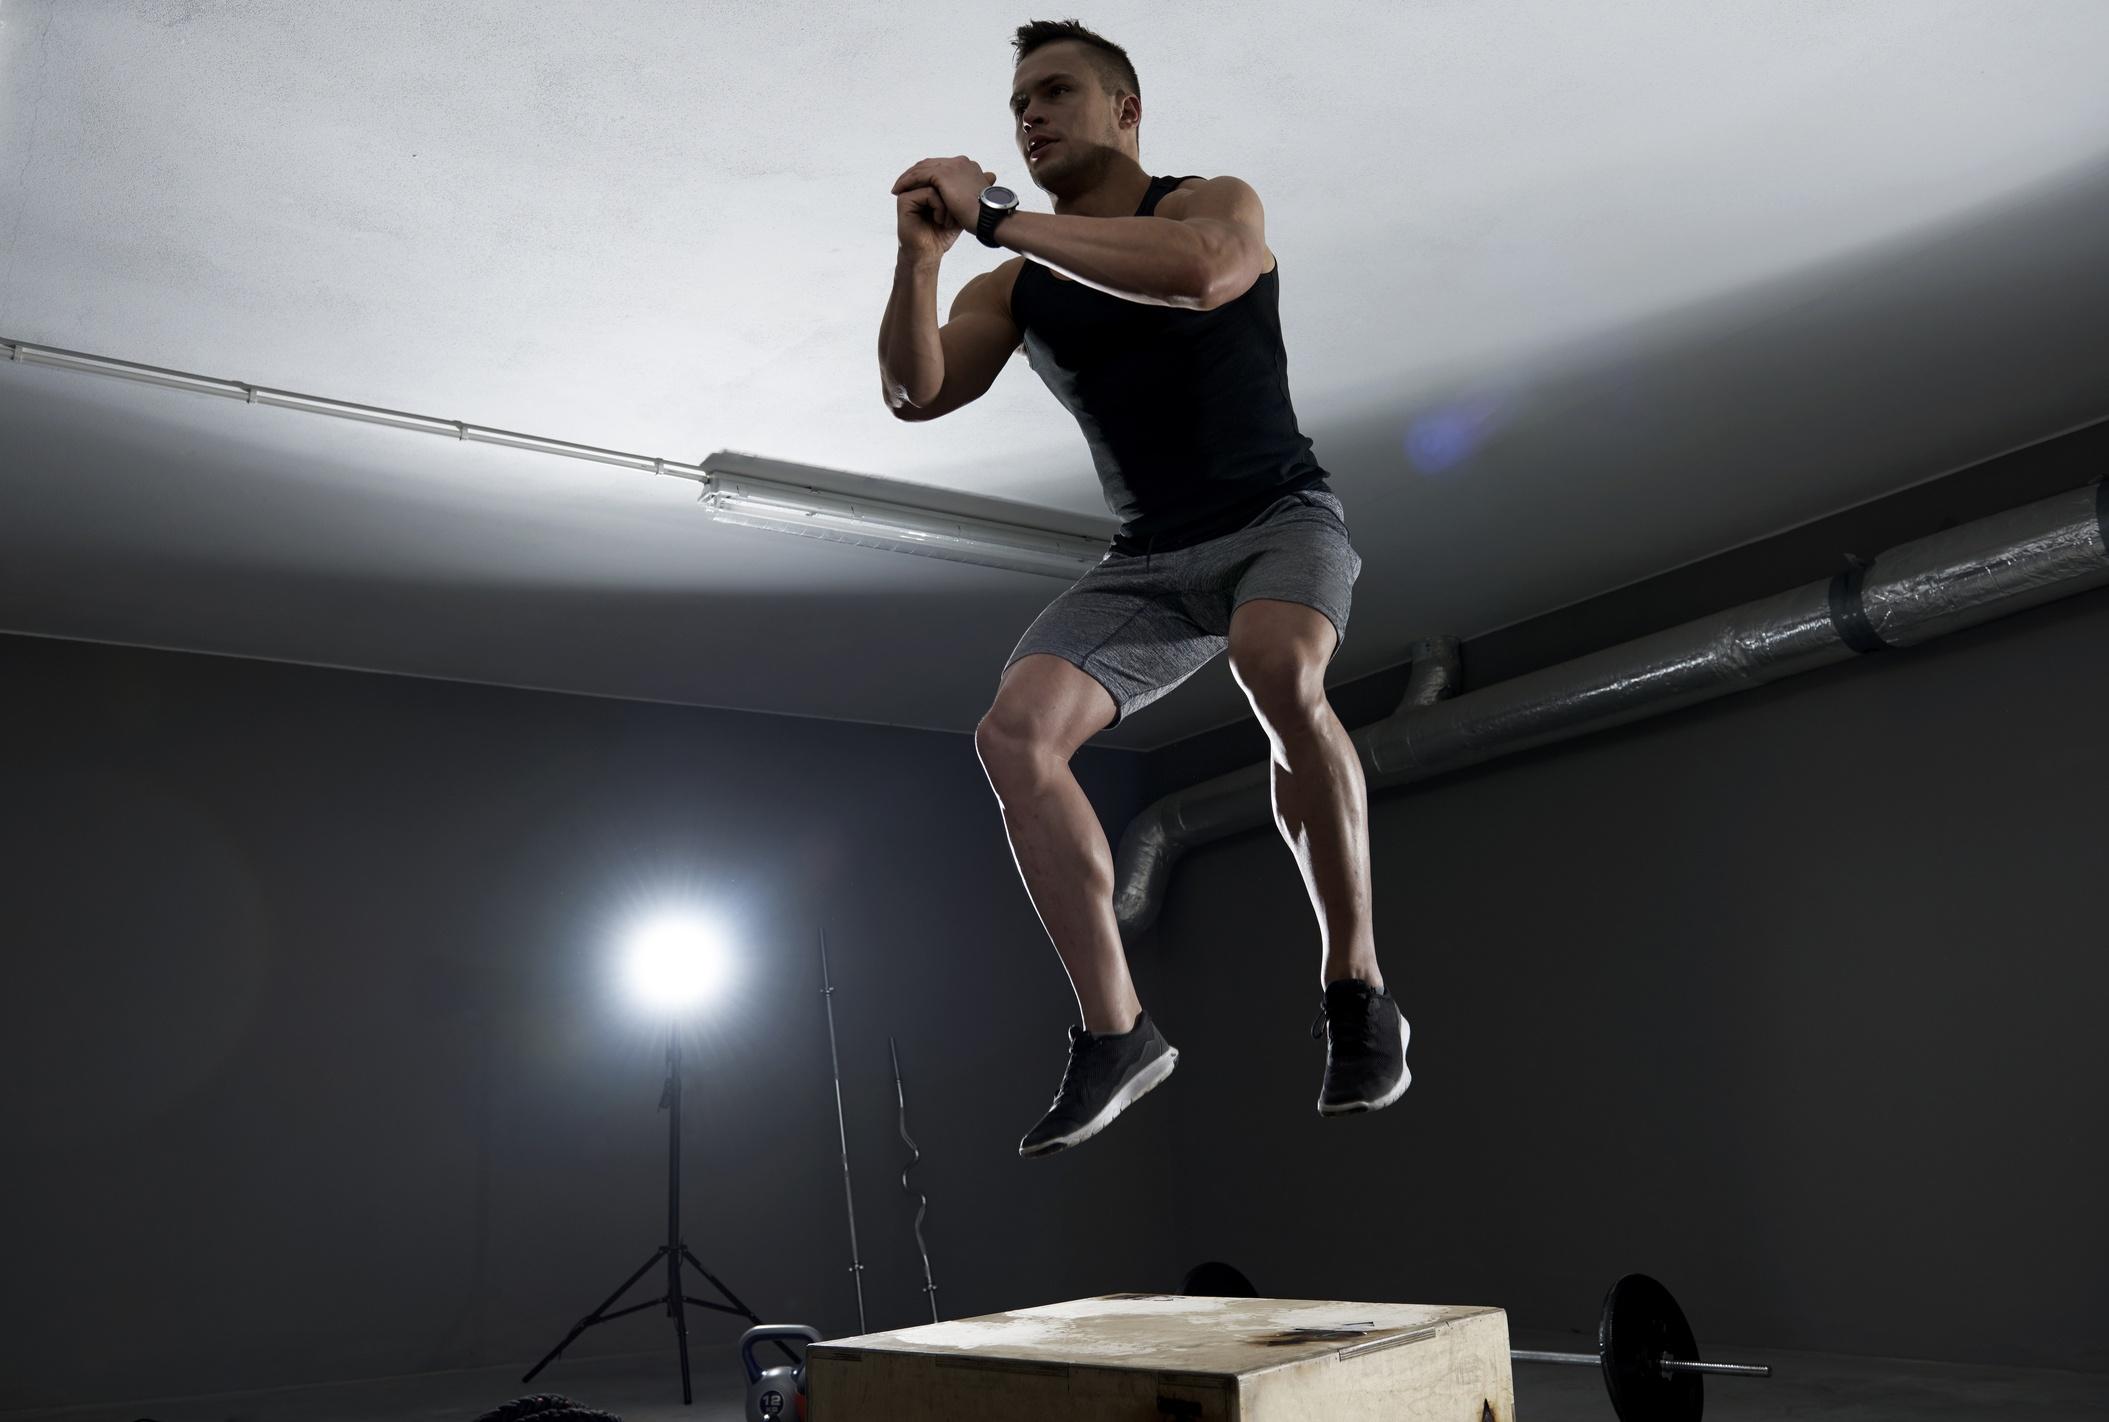 Agachamento com salto